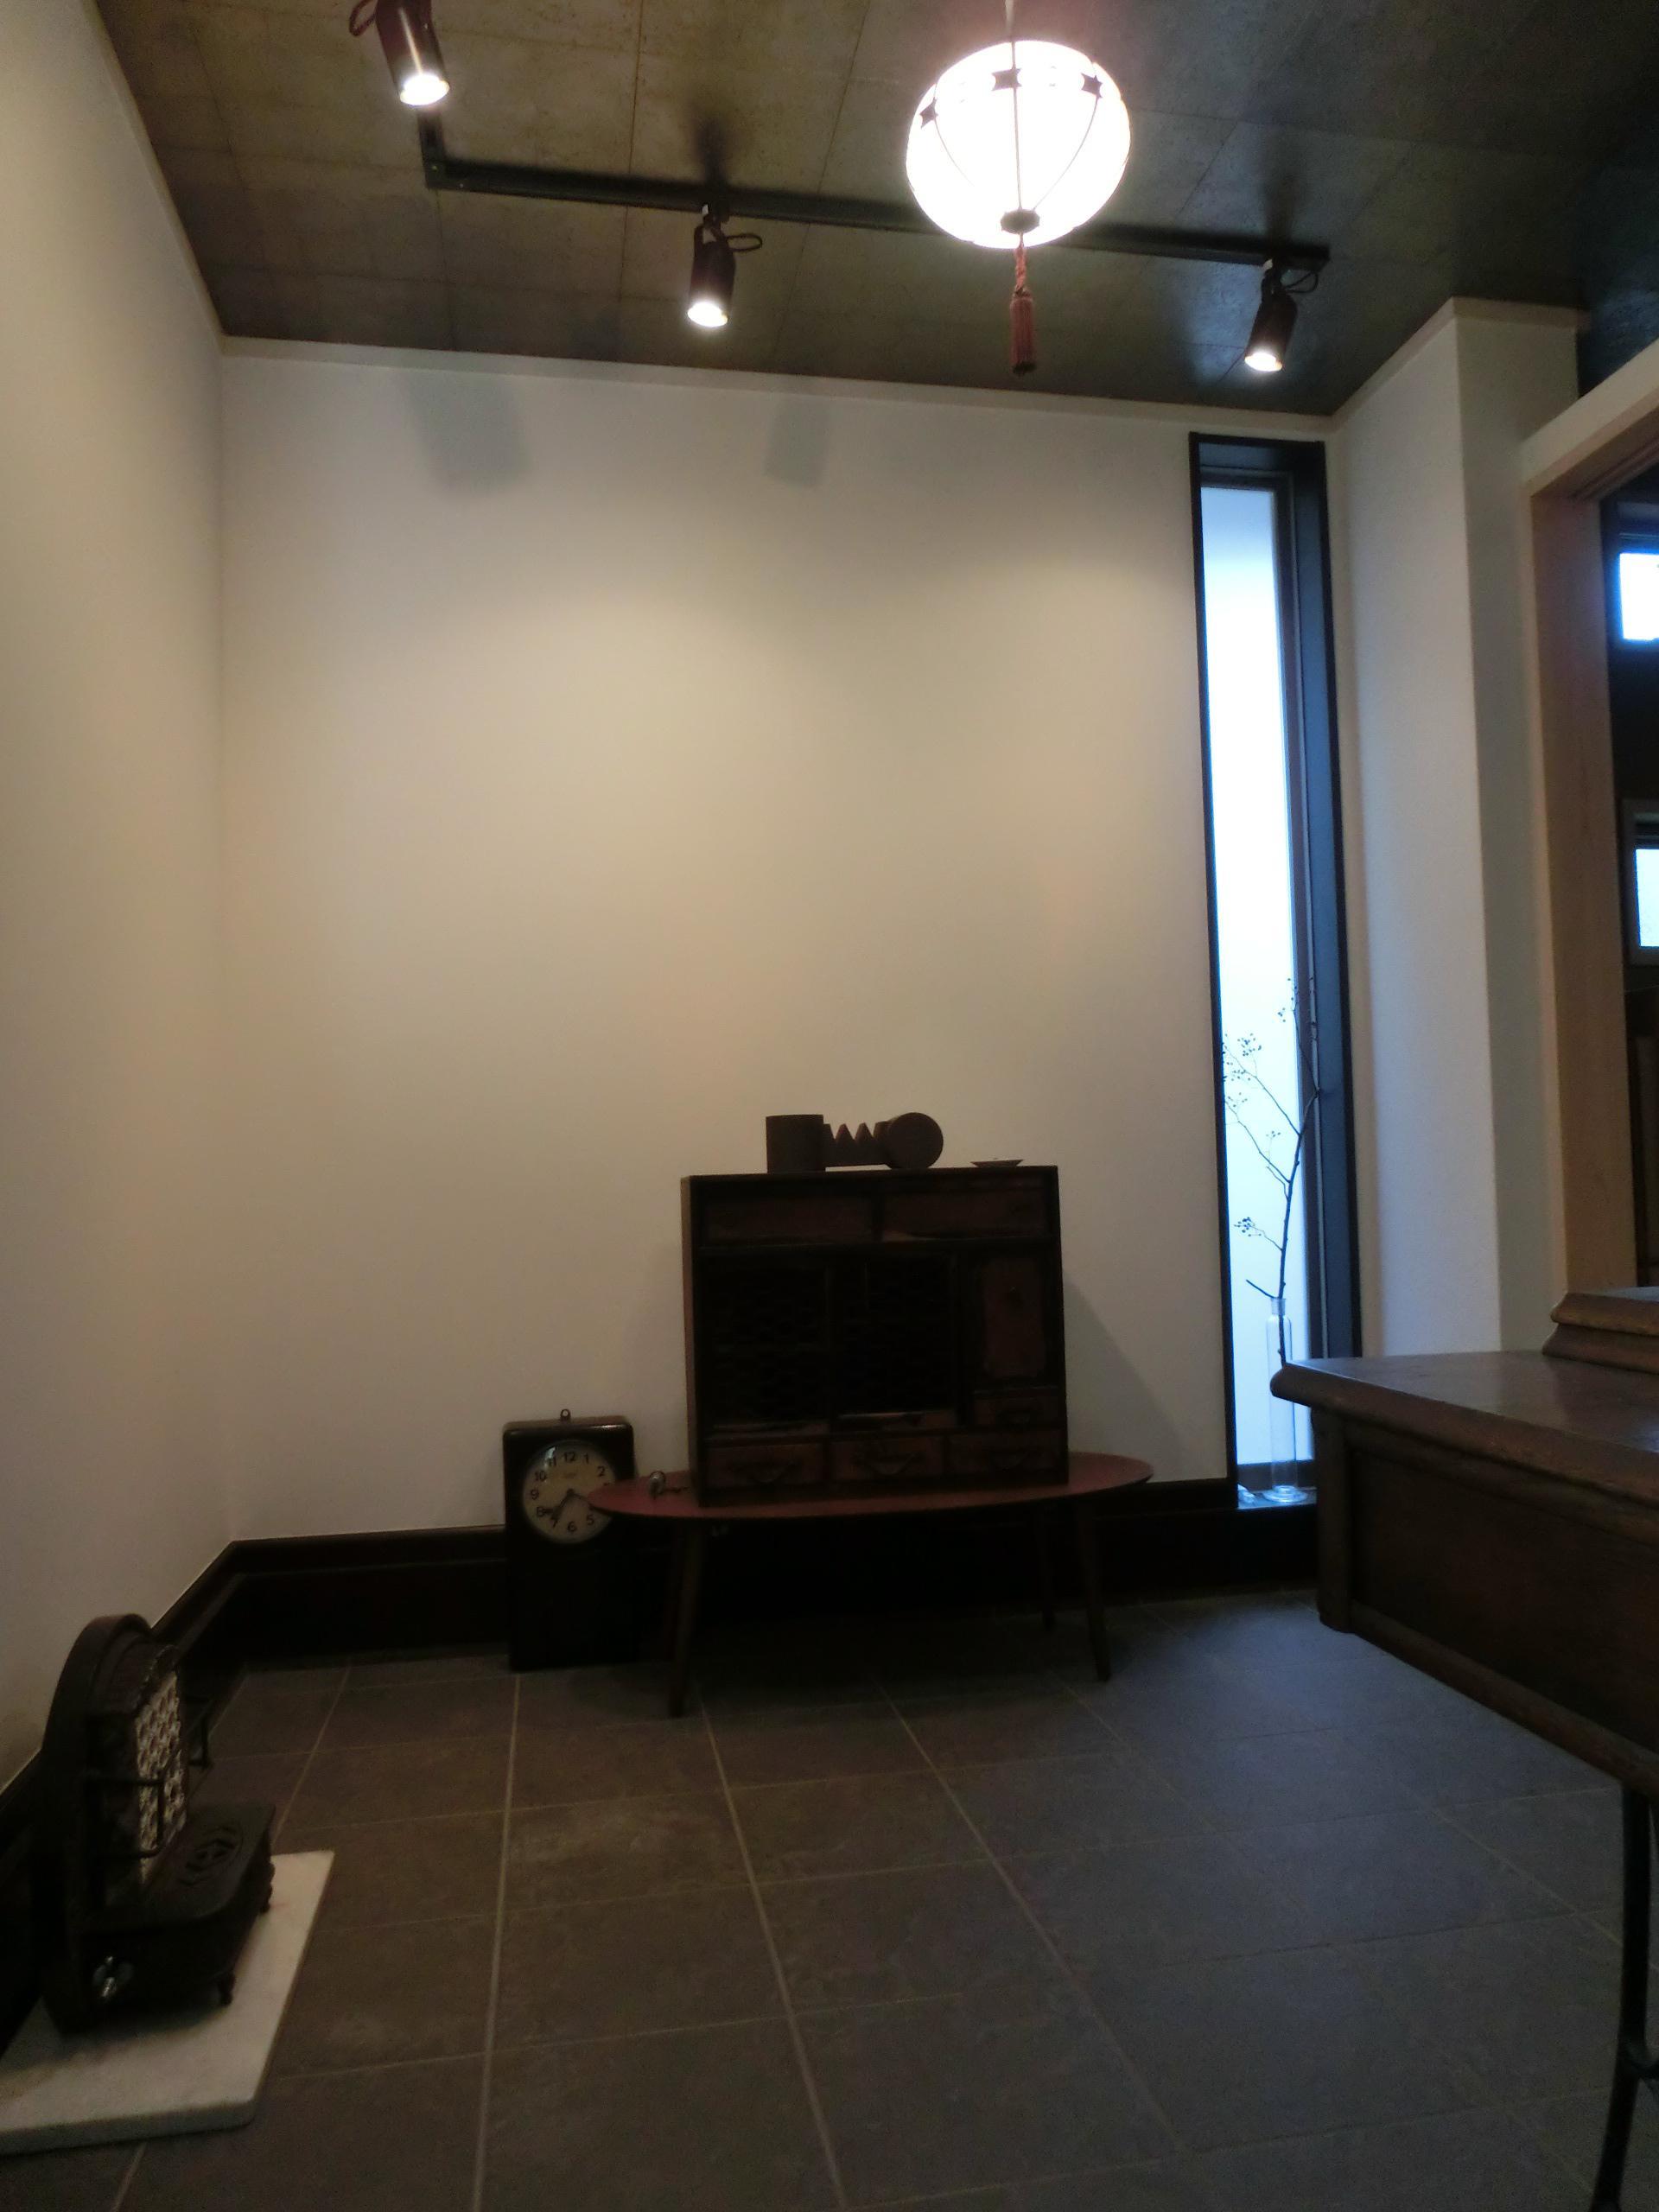 『手わざのコダワリ』と新しい建築技術の融合:東京都杉並区K様邸の写真 1階応接室